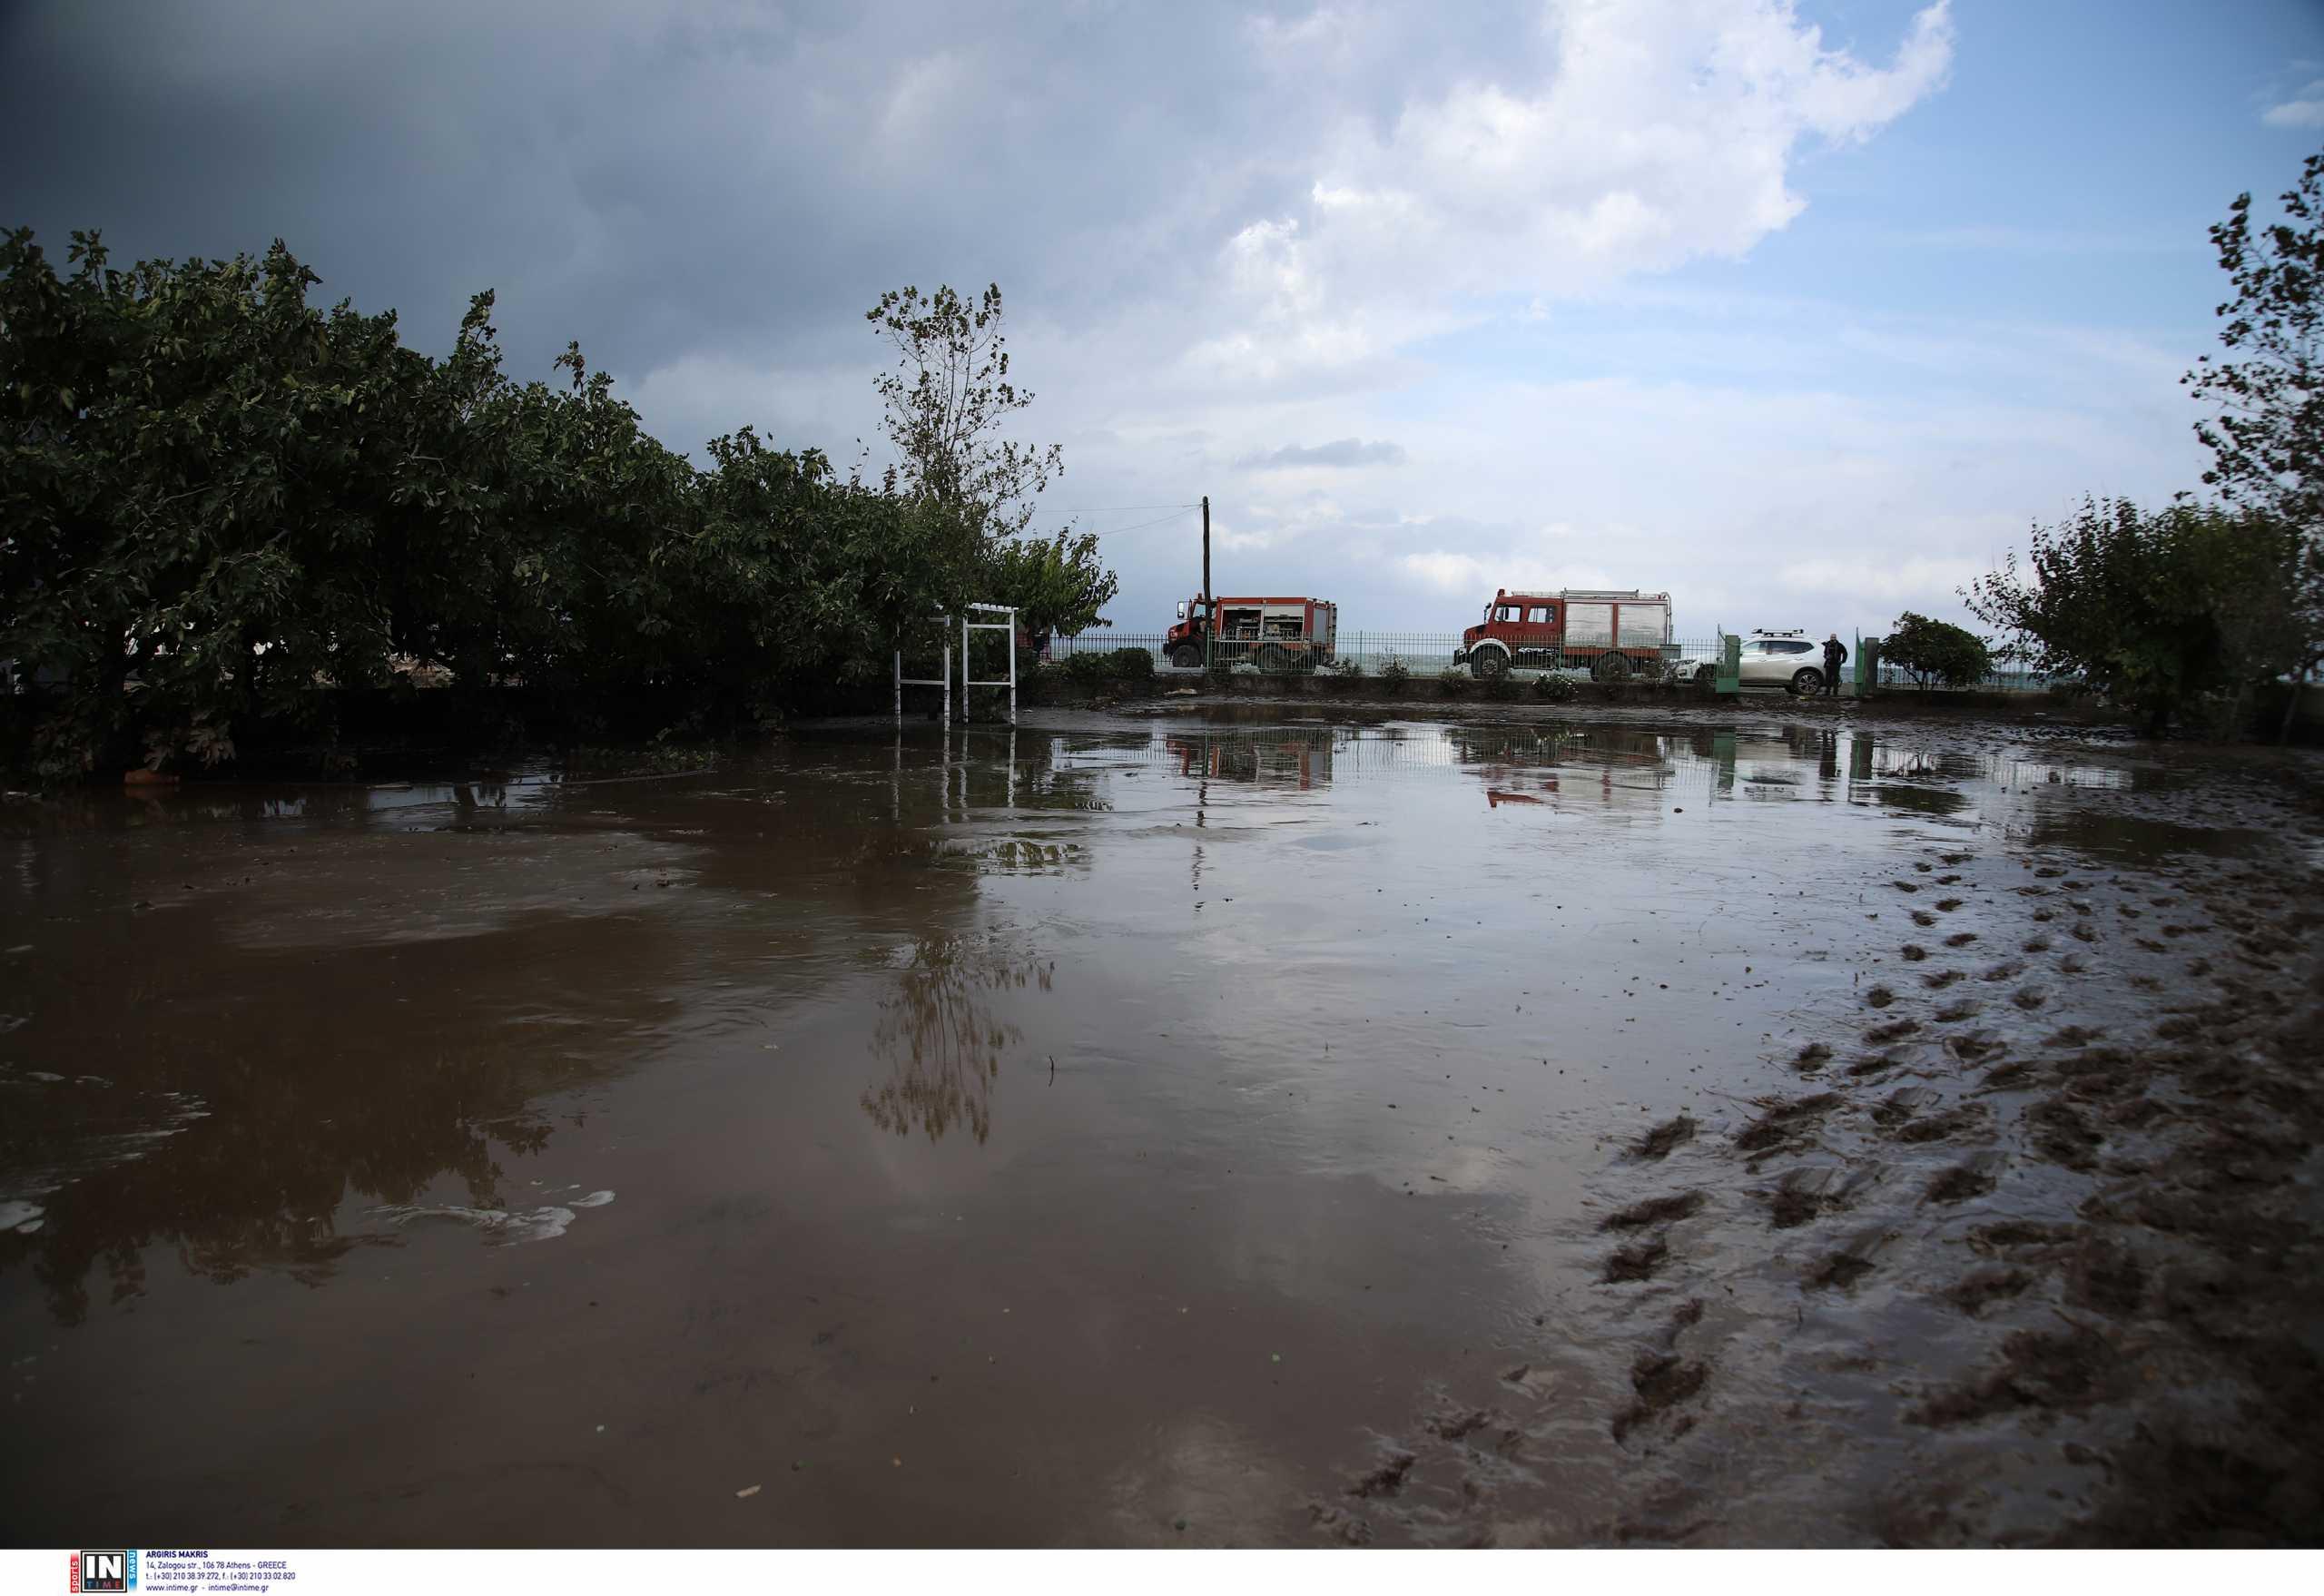 Κακοκαιρία «Μπάλλος»: Προληπτική εκκένωση χωριών στη Βόρεια Εύβοια – Απομακρύνθηκαν 45 άνθρωποι